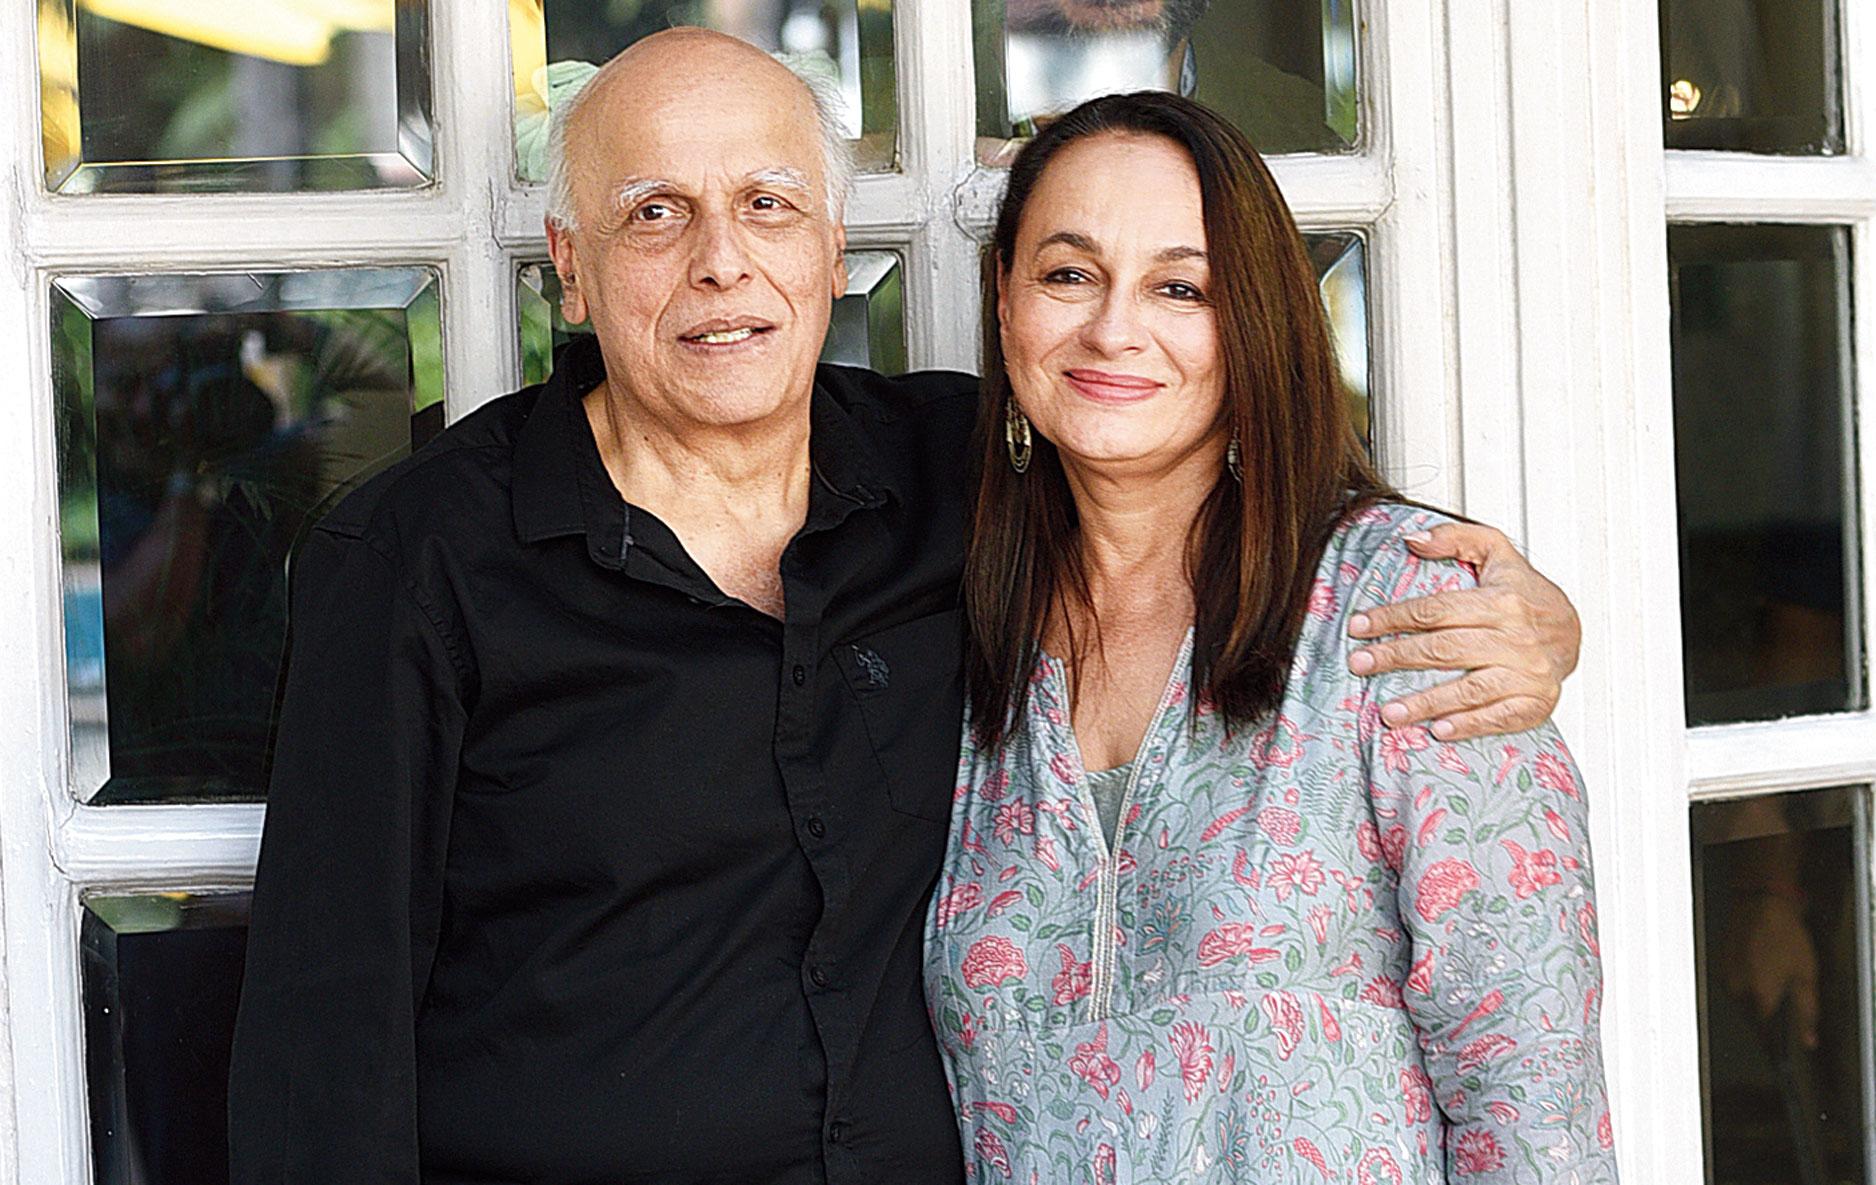 Bollywood Tadka, सोनी राजदान इमेज, सोनी राजदान फोटो, सोनी राजदान पिक्चर,